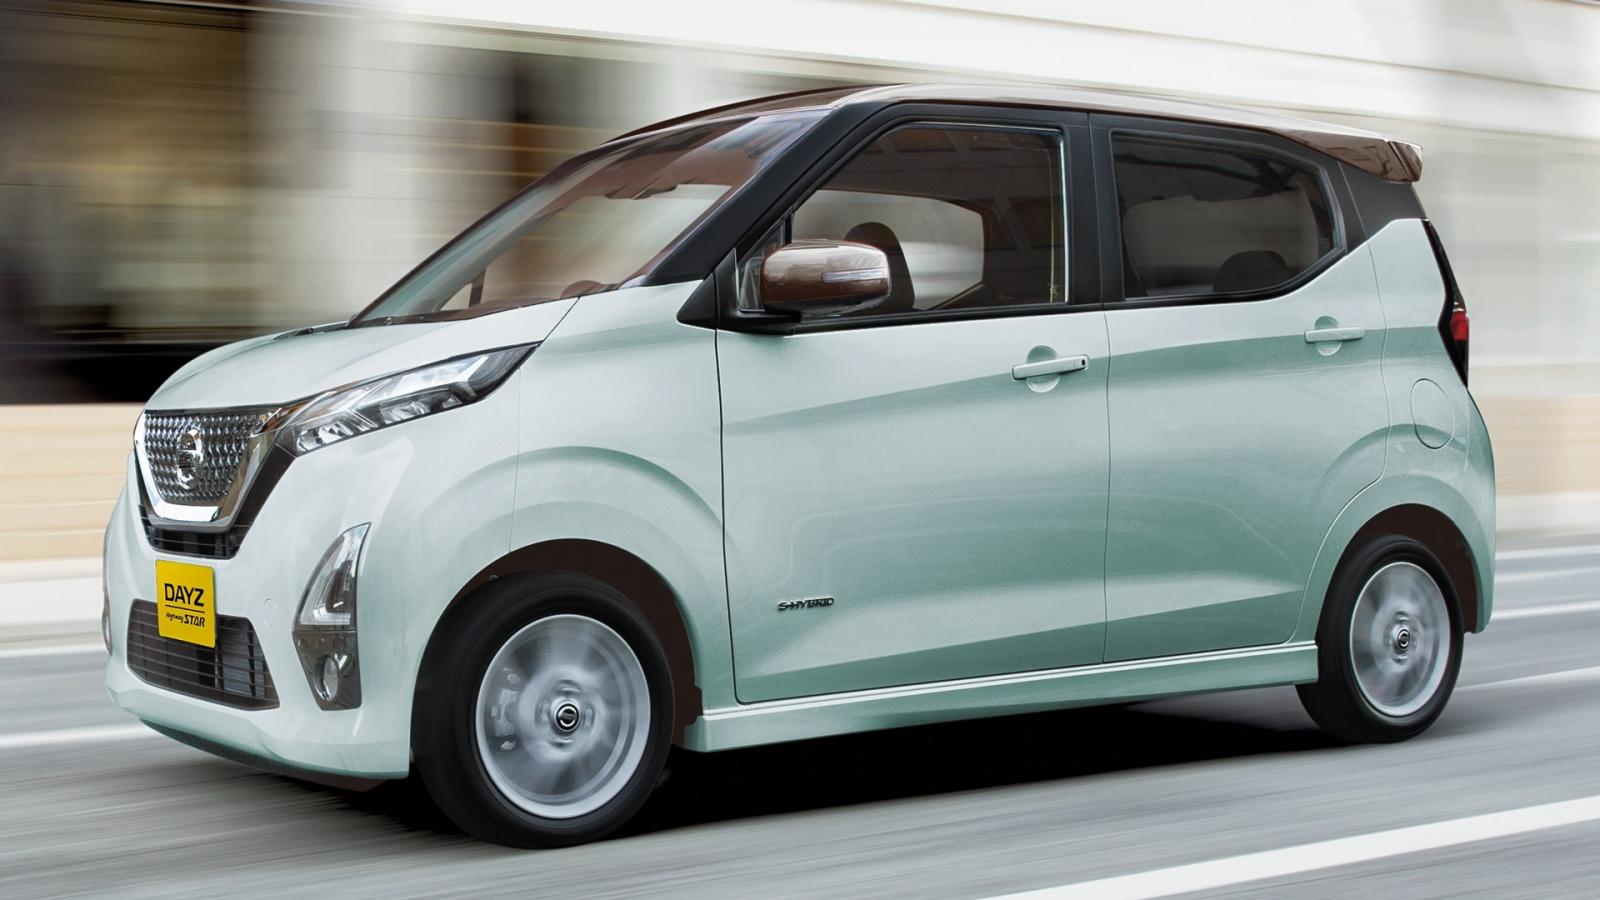 Nissan công bố chiếc xe điện Kei mới, sẽ được giới thiệu vào năm tới